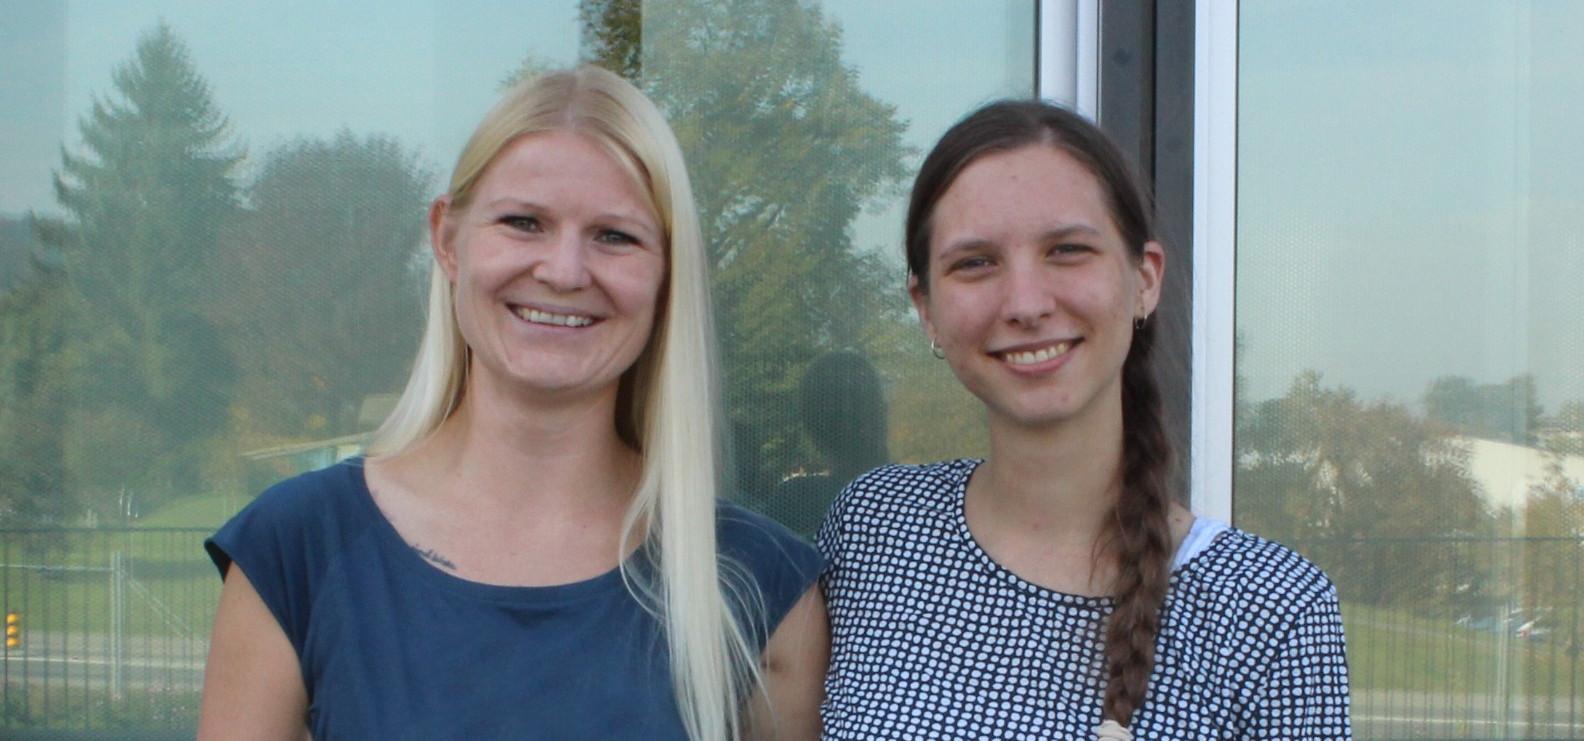 Ausbau Standort Luzern – diesmal mit viel Frauenpower!